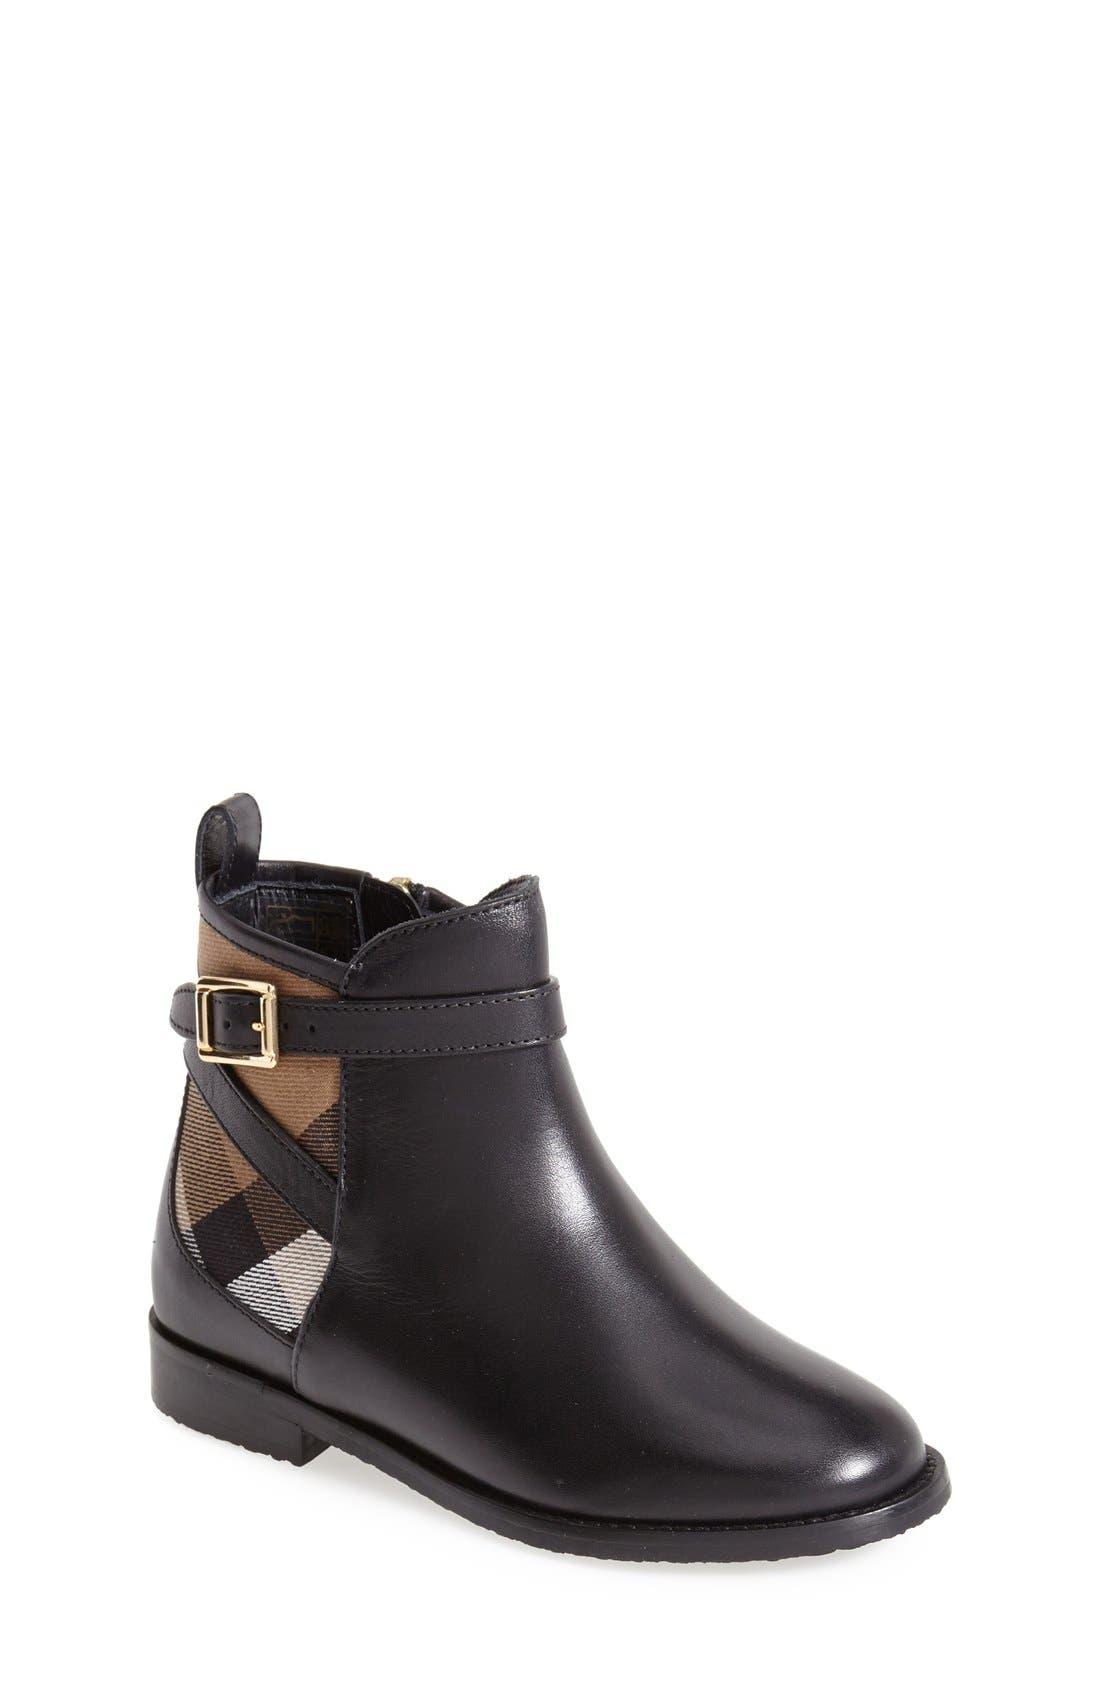 'Mini Richardson' Leather Boot,                             Main thumbnail 1, color,                             Black Leather